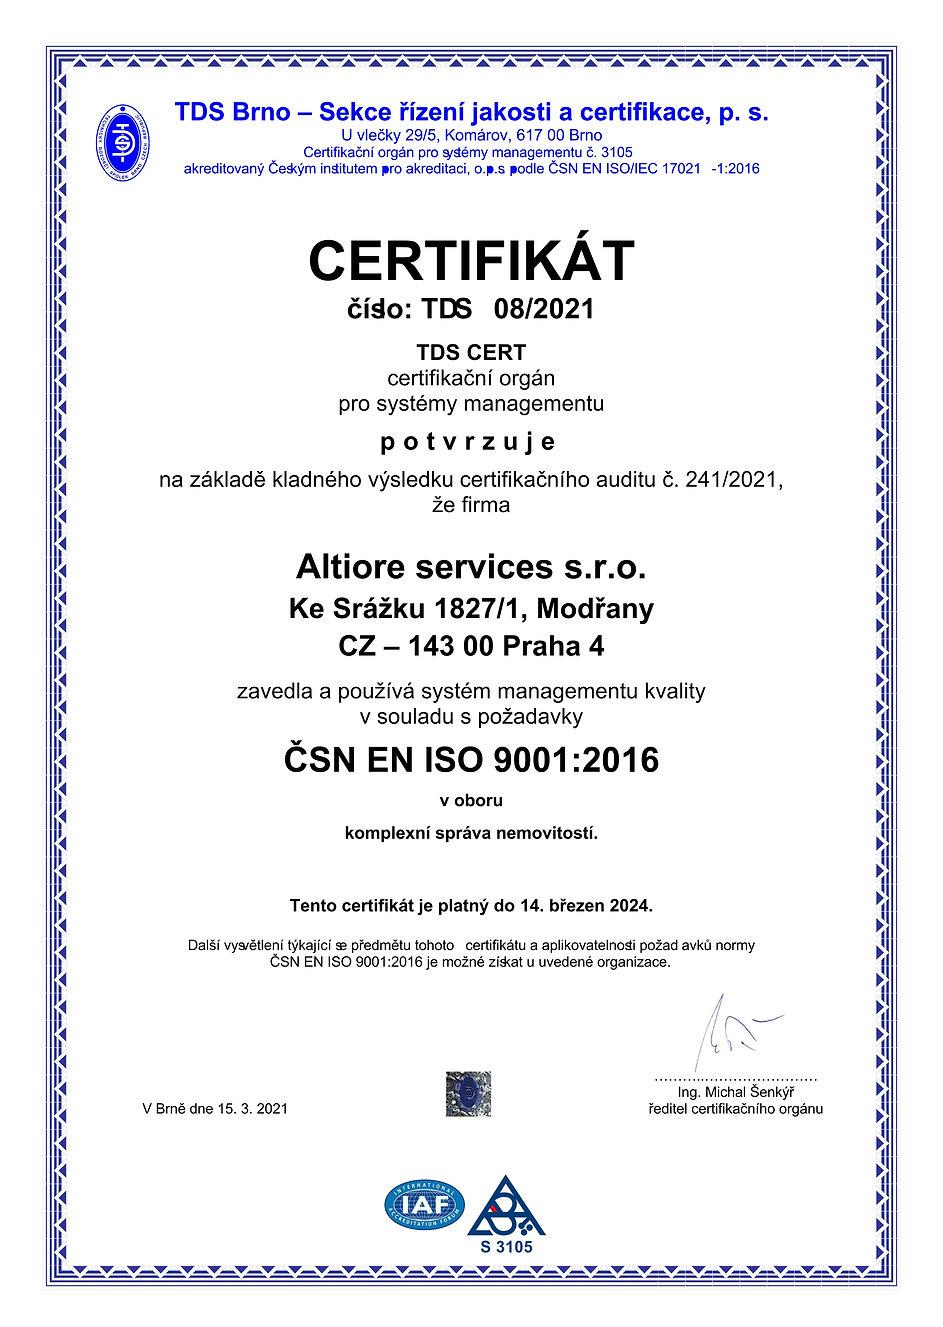 CERTIFIKÁT ALTIORE SERVICES.jpg